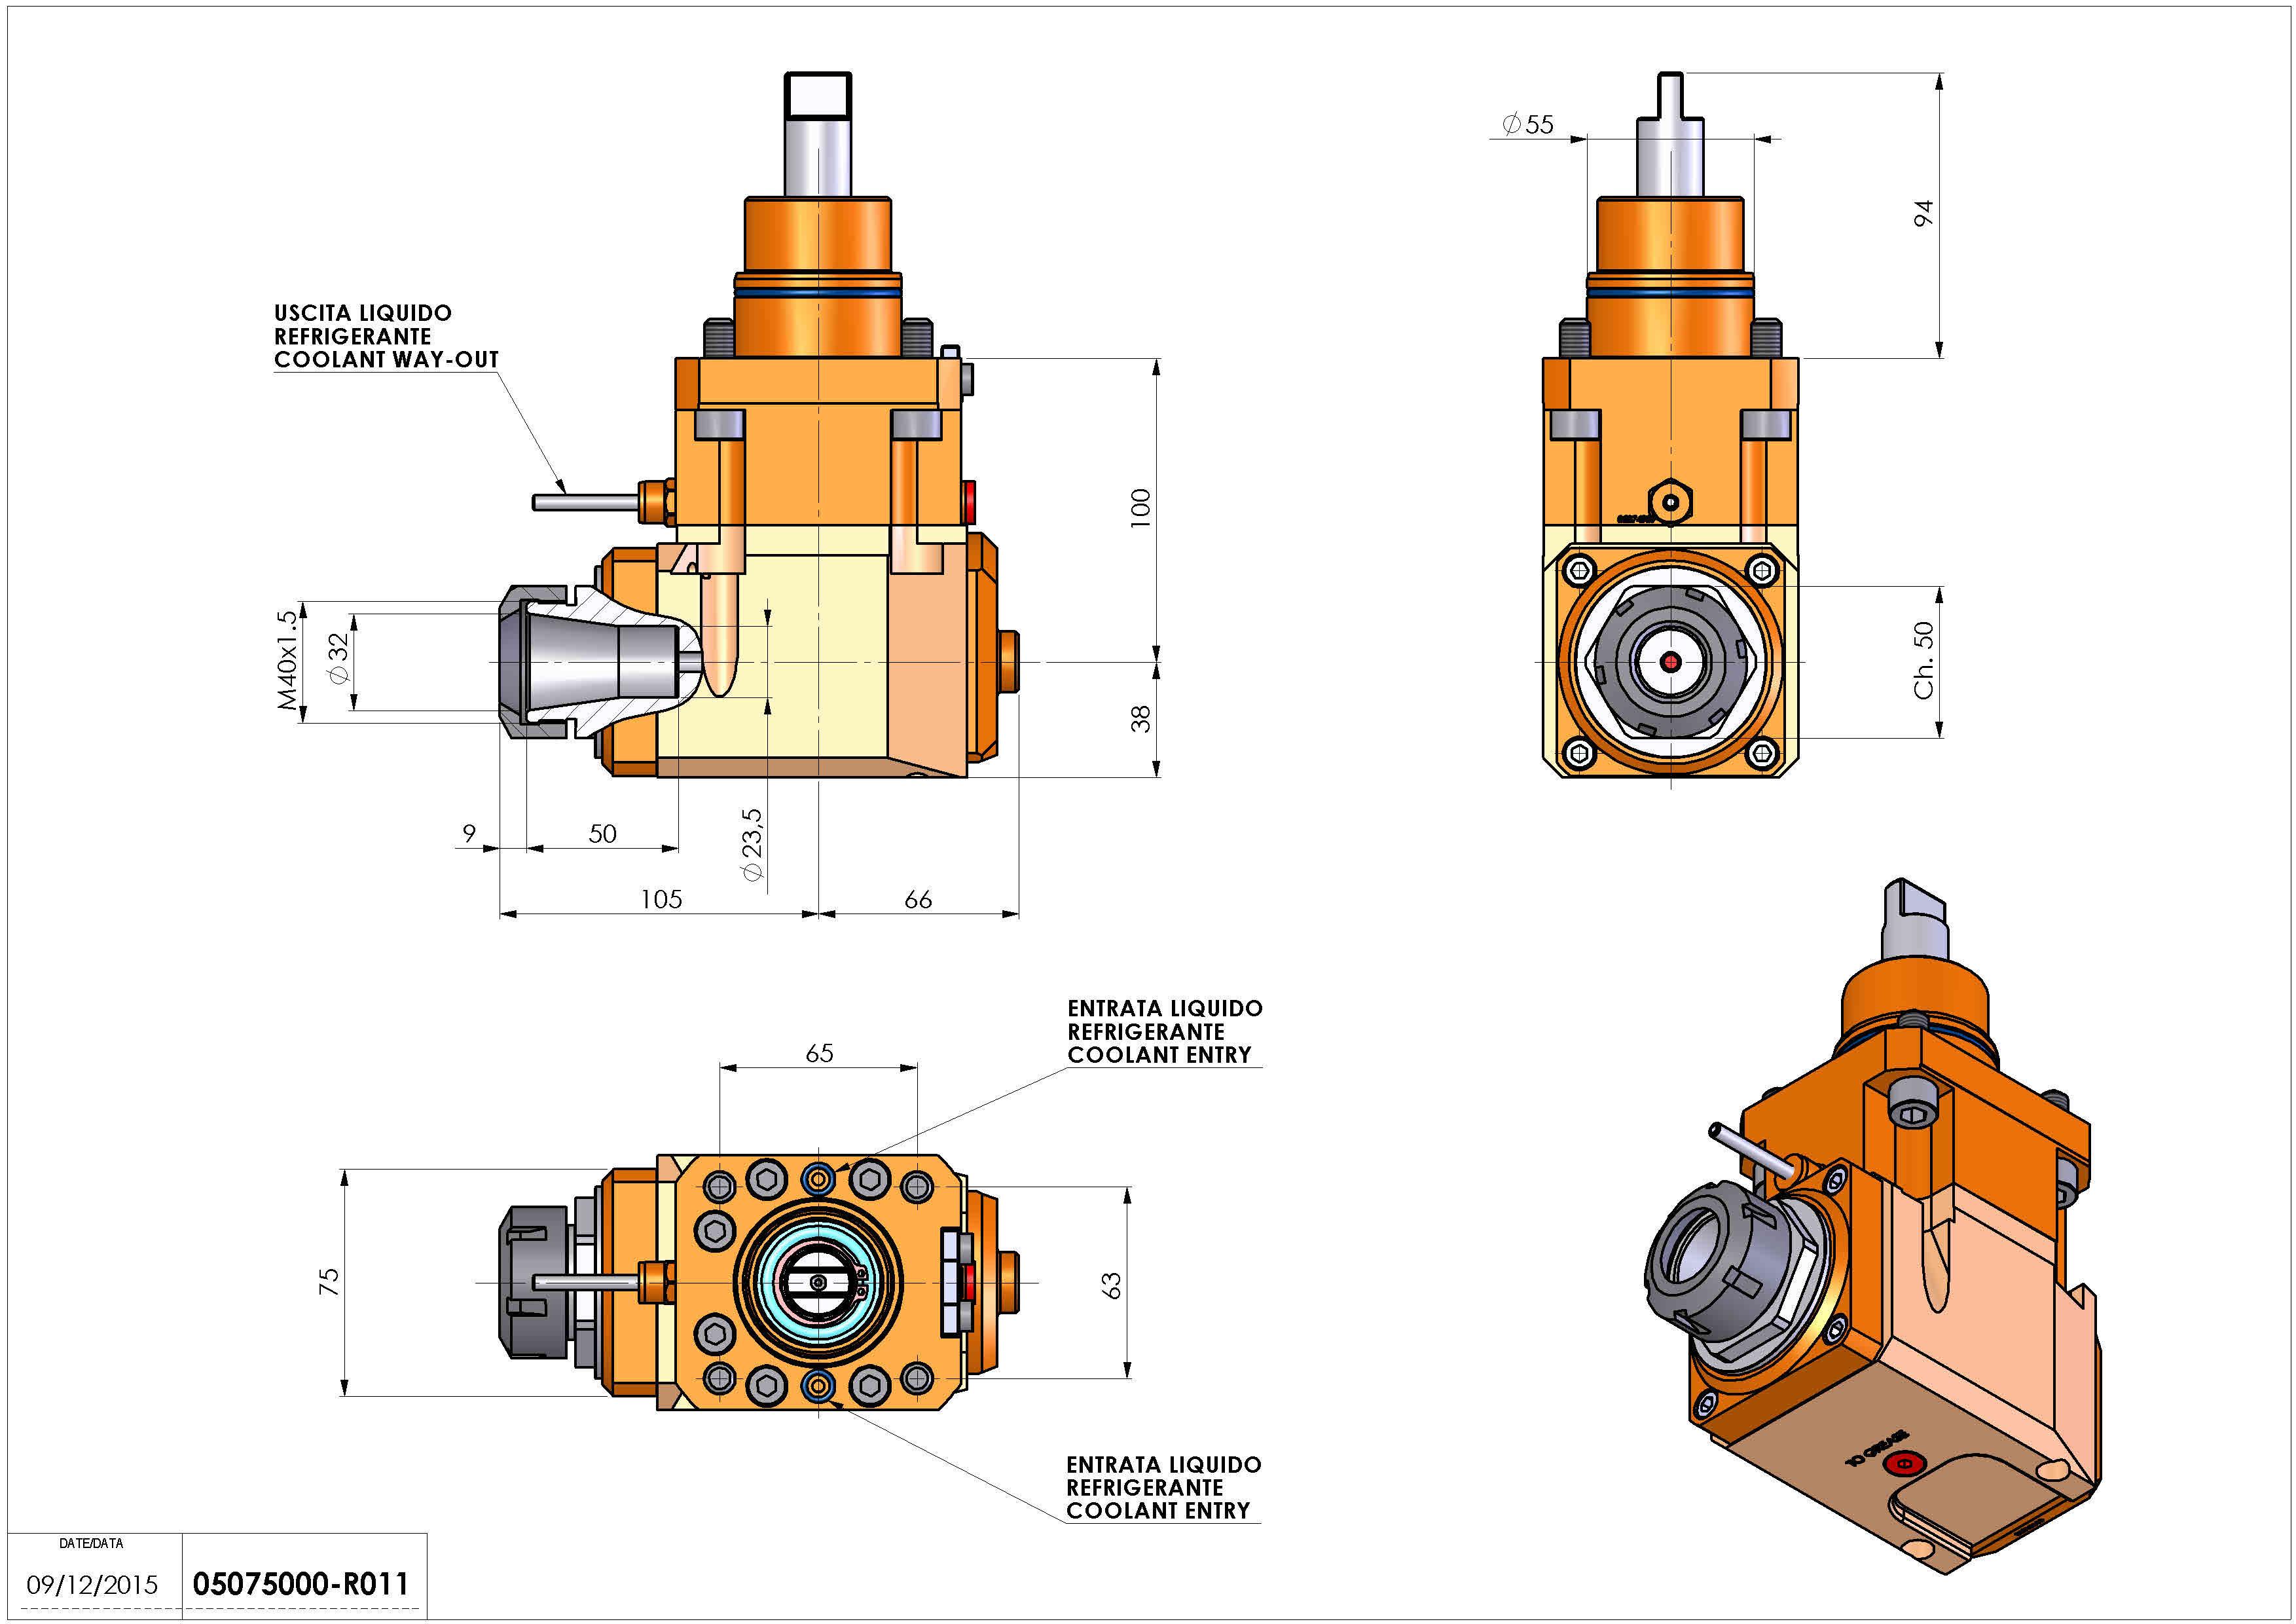 Technical image - LT-A D55 ER32 LR H100 BI.